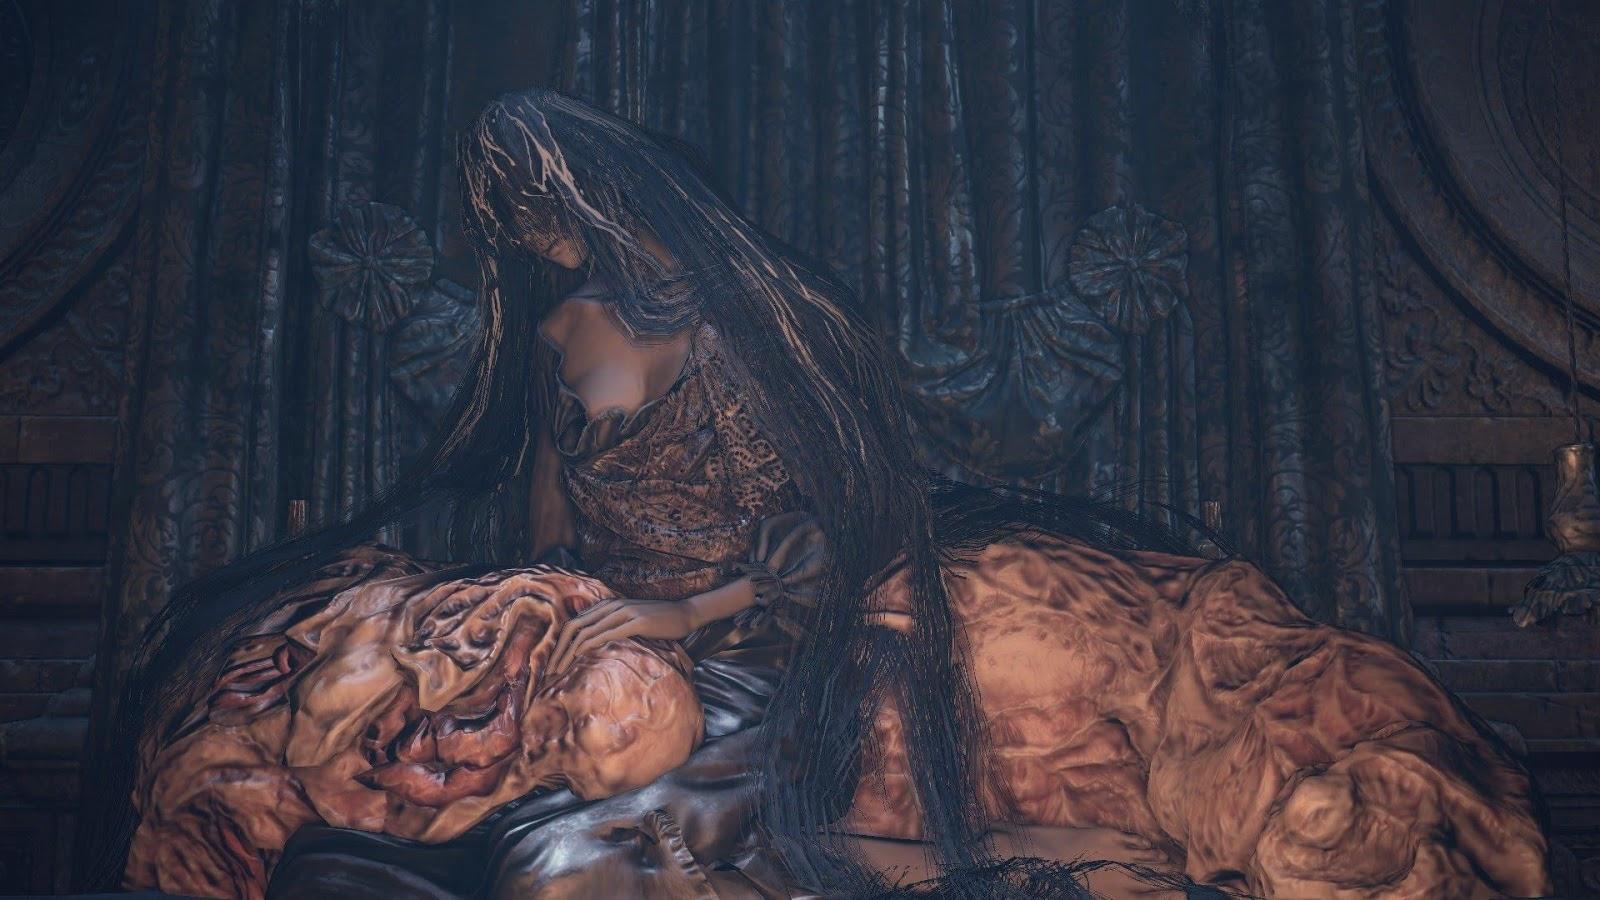 تصویر شماره ۱- روزاریا،مادر بازتولد